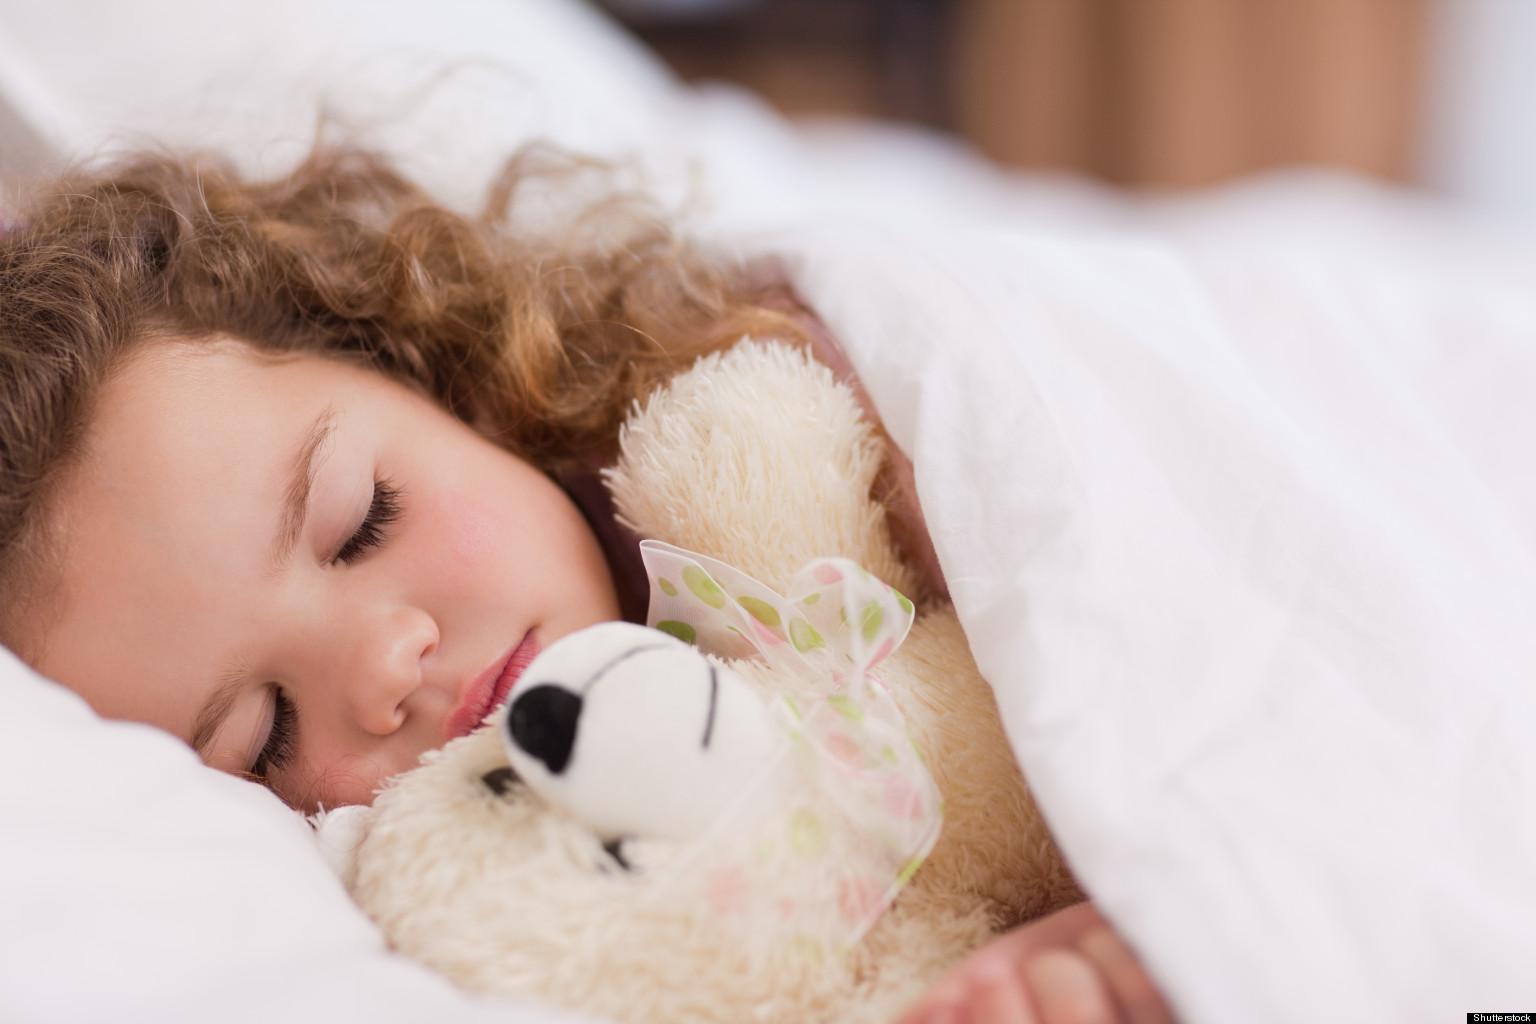 miegantis vaikas 2